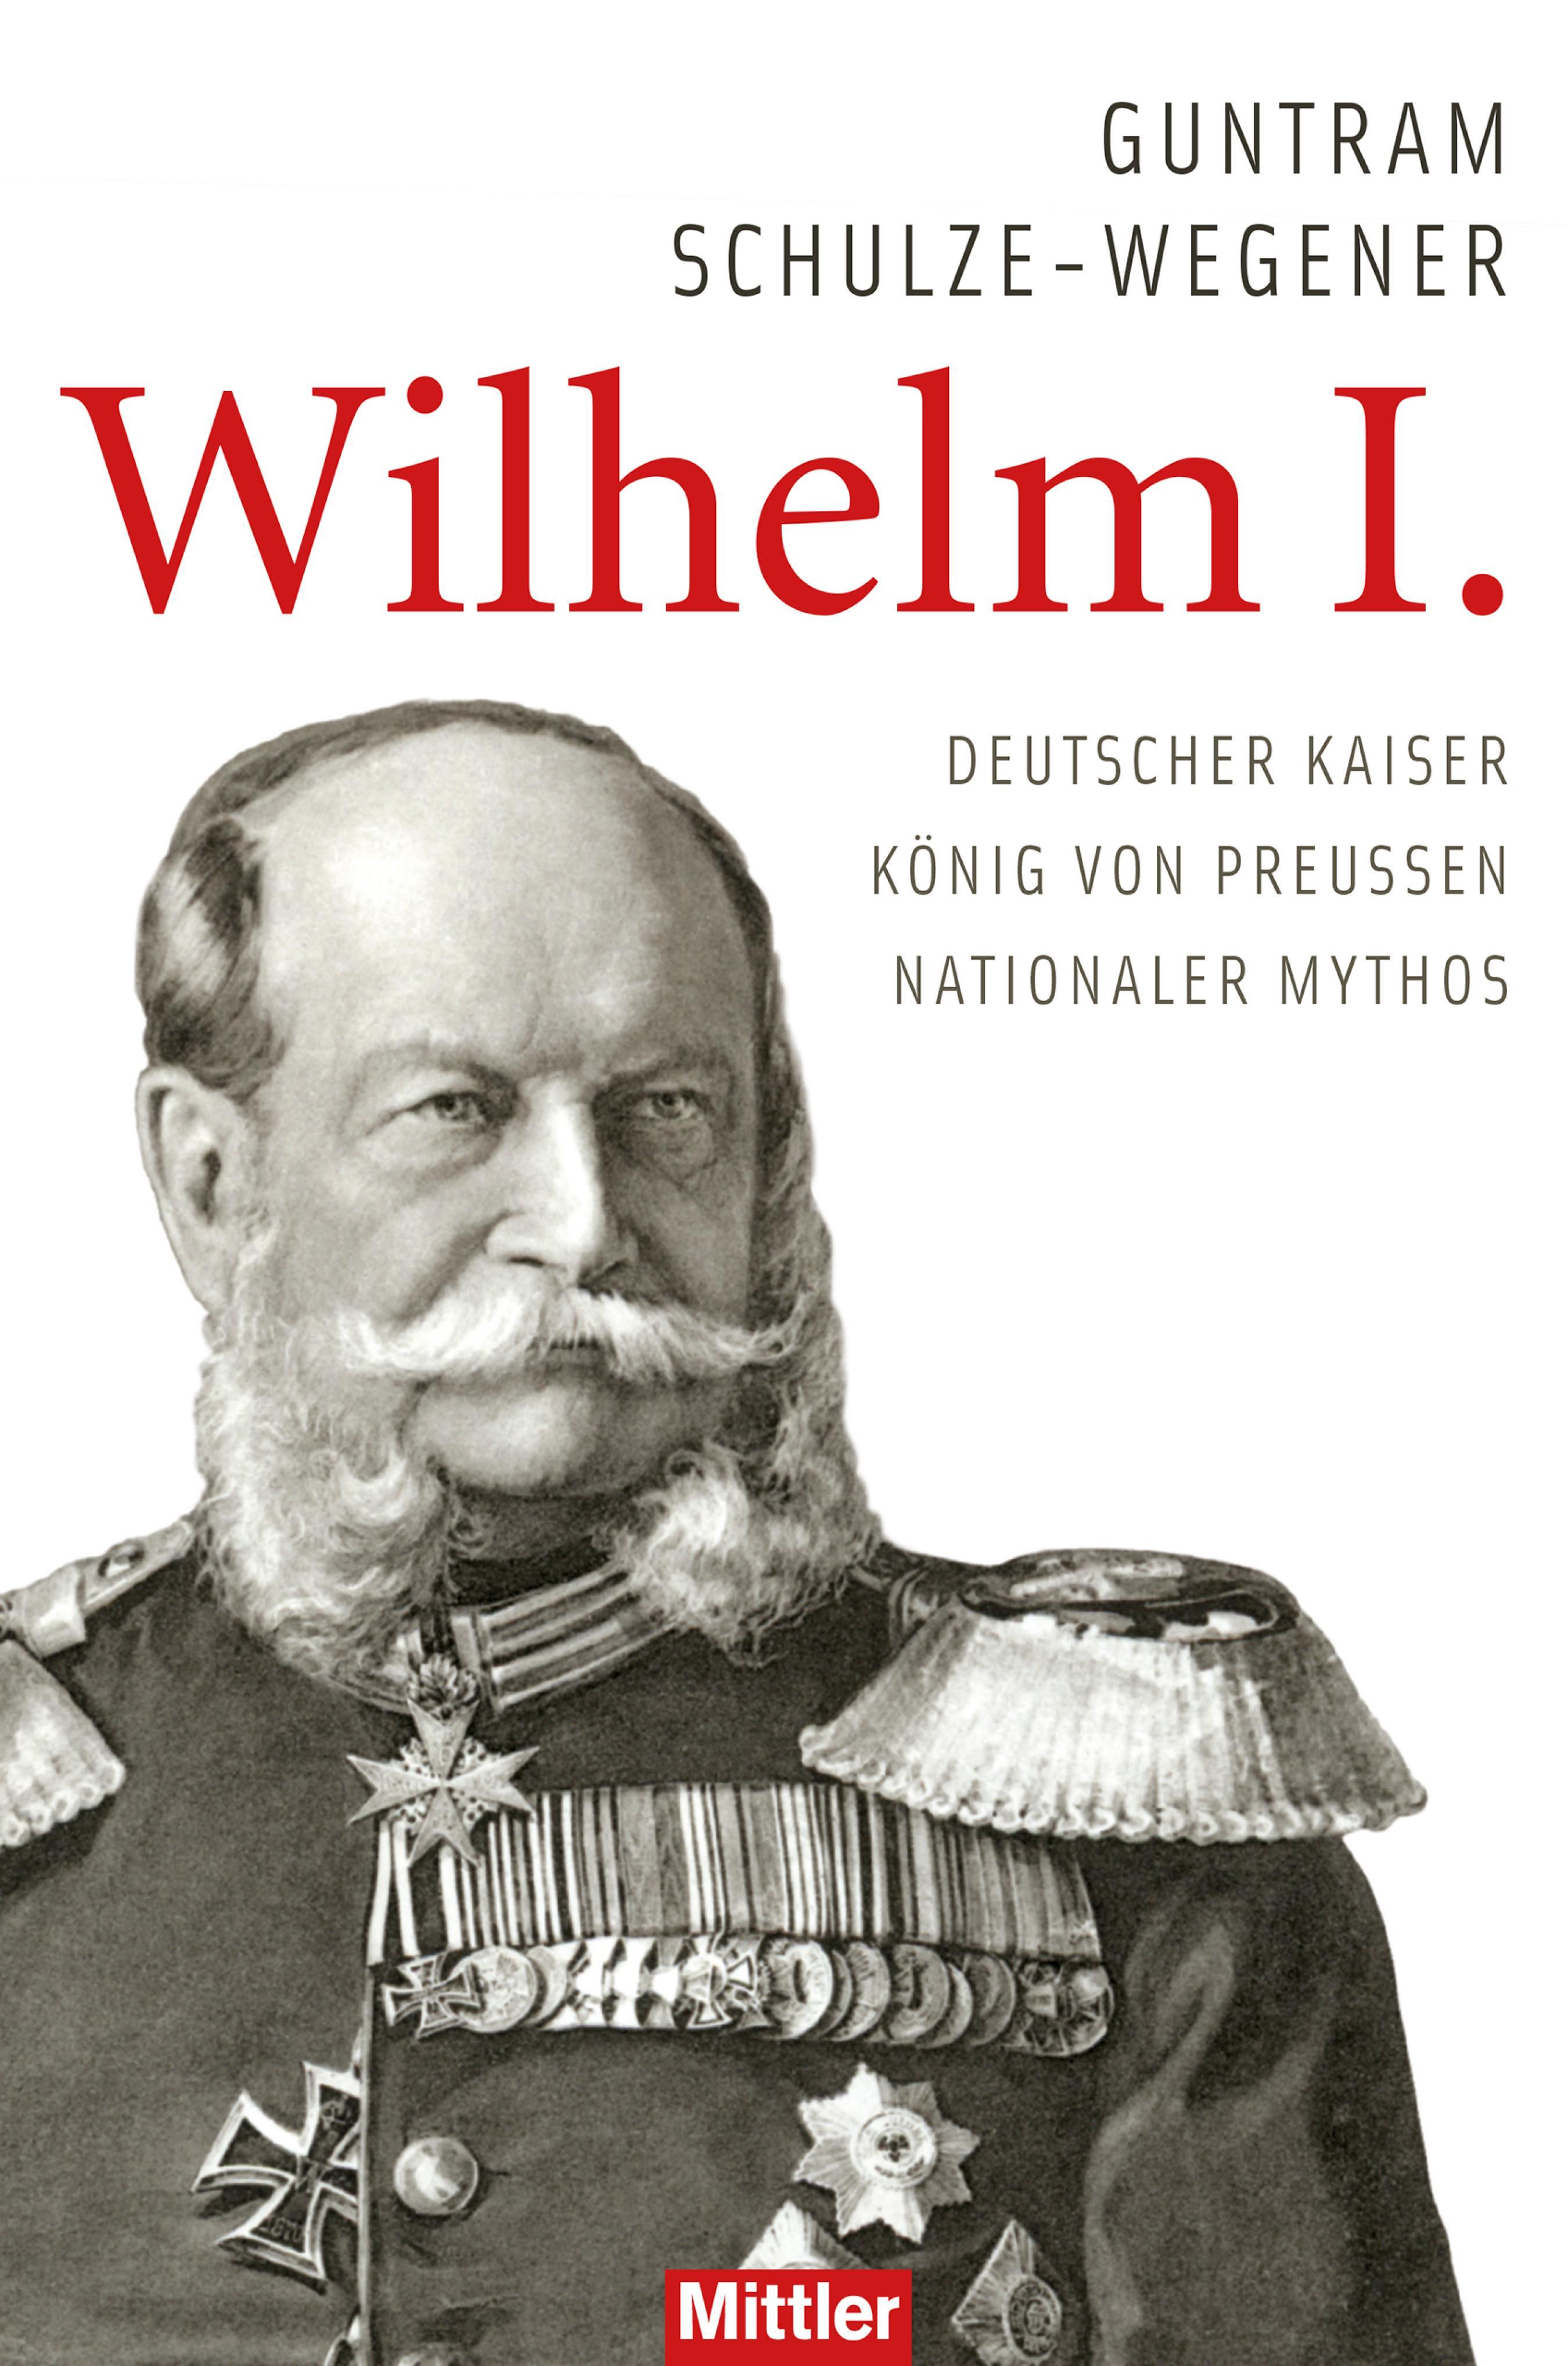 Guntram Schulze-Wegener Wilhelm I.